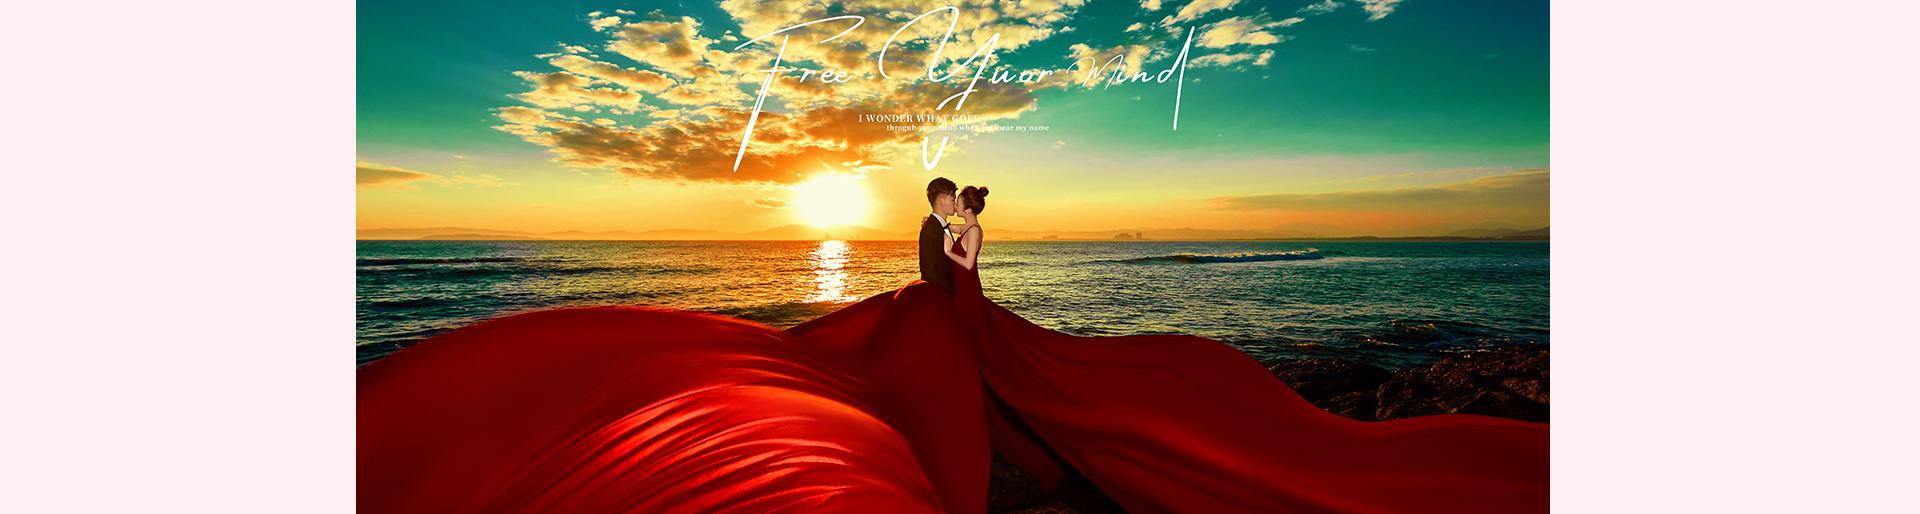 三亞婚紗攝影飄視覺新作品